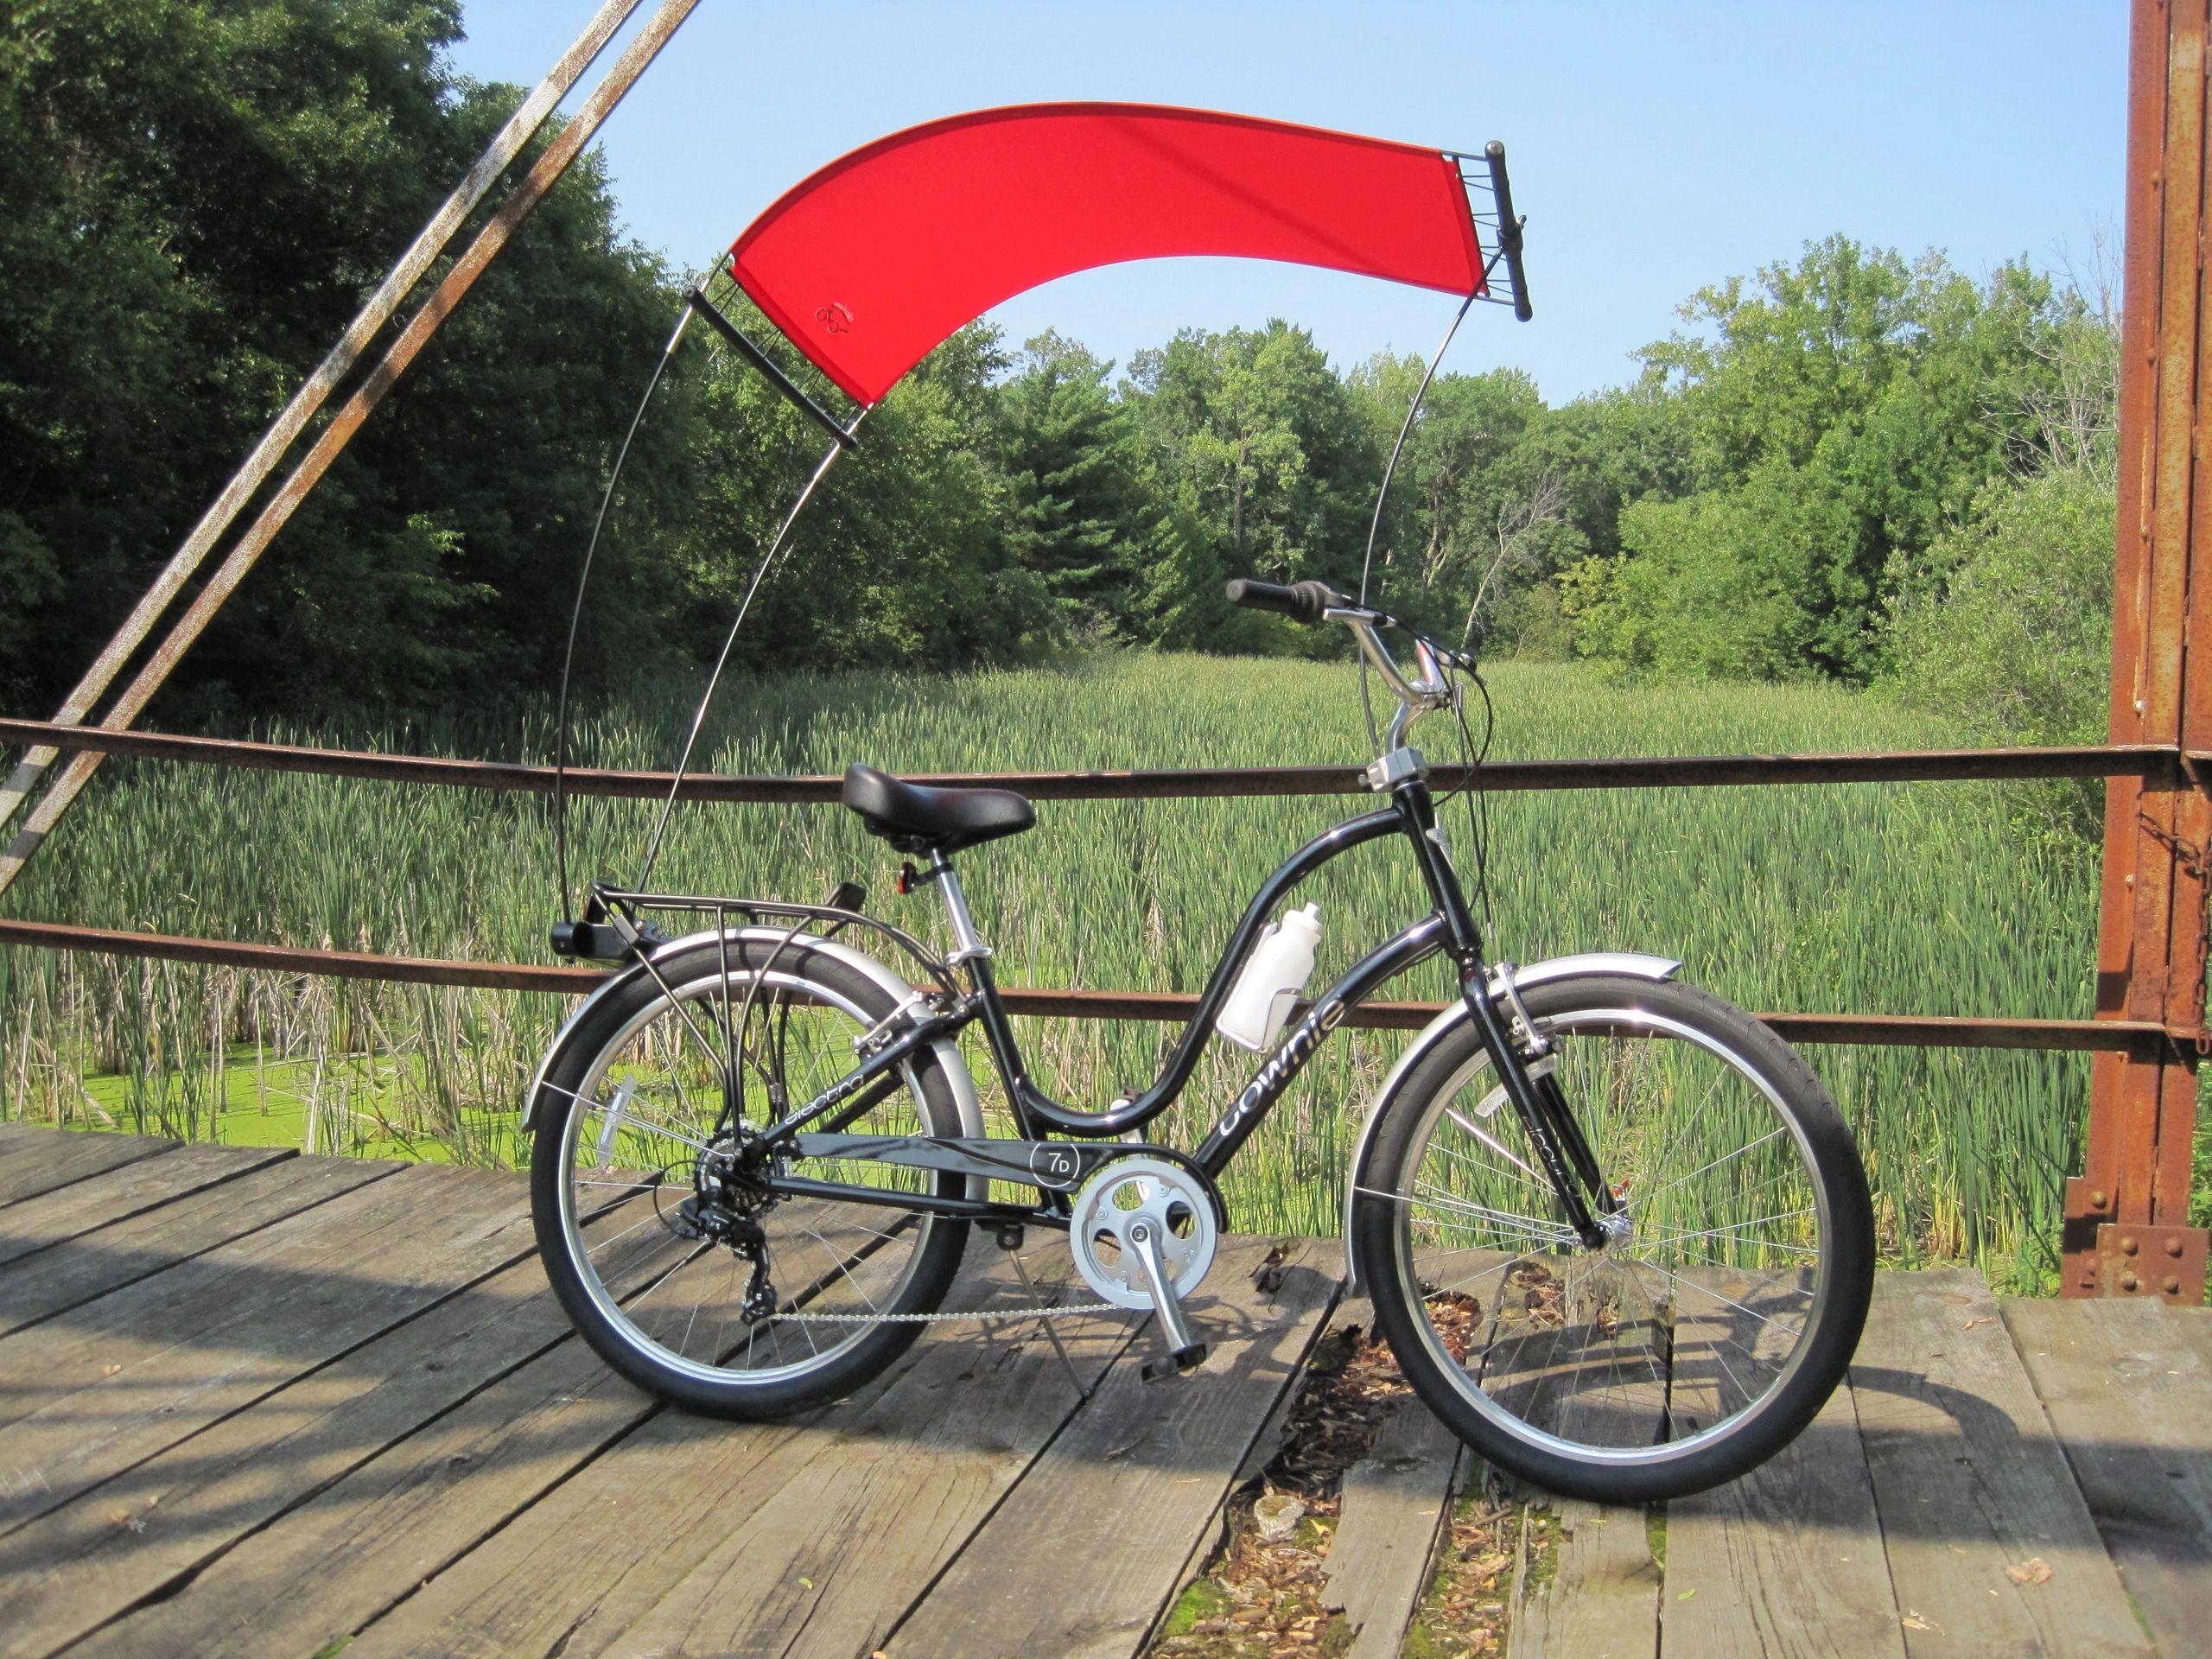 1 Badass Canopy - Bike Canopies, Trike Canopies